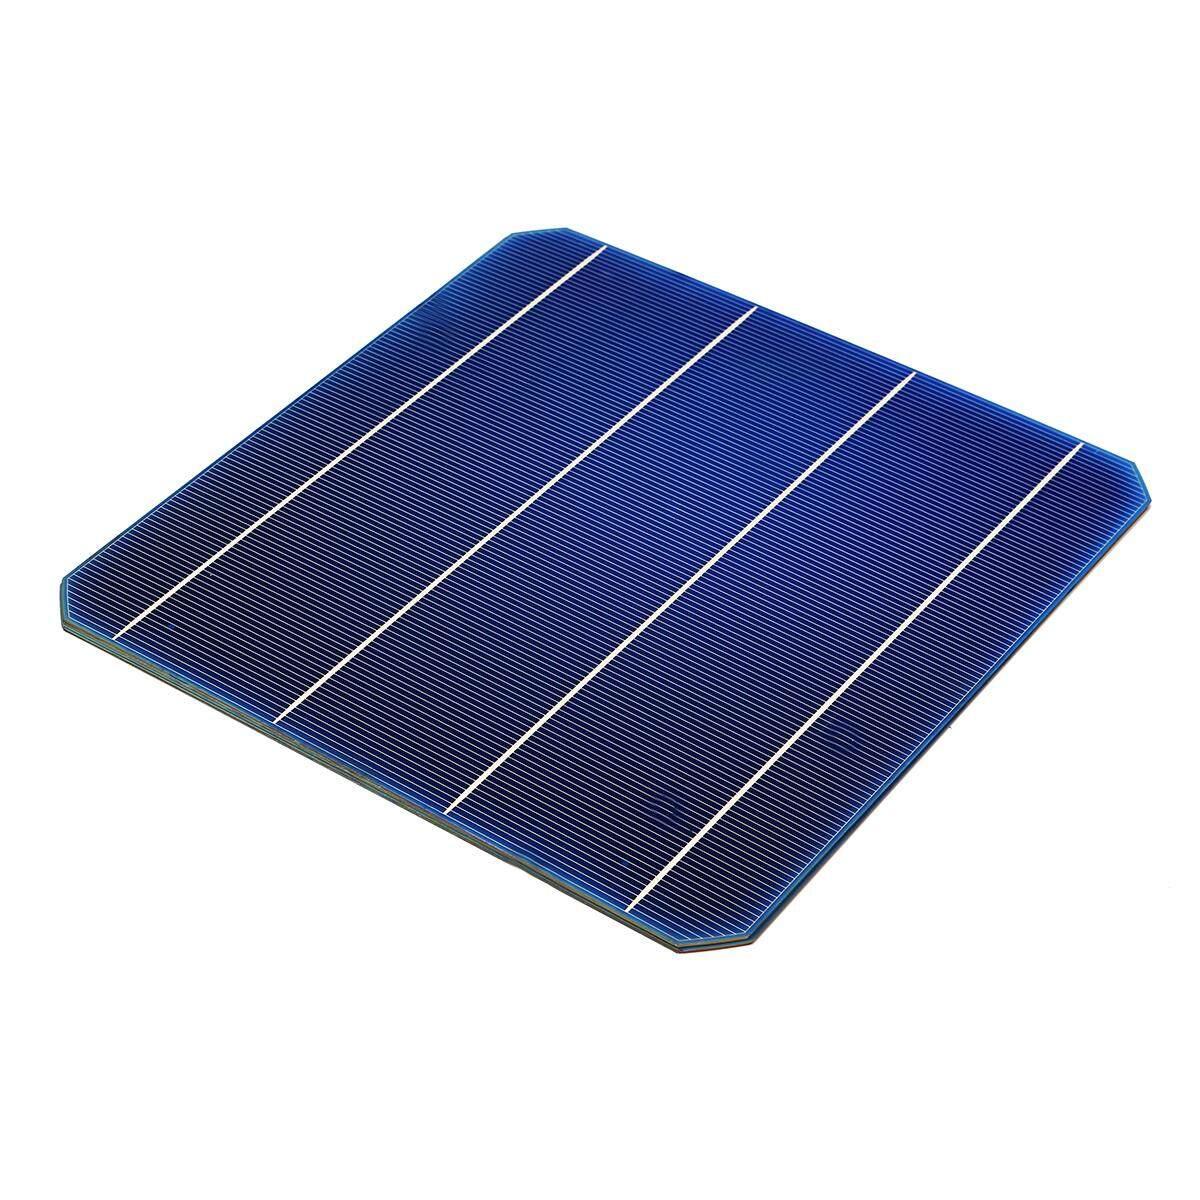 156 mét Monocrystalline Các Tế Bào Năng Lượng Mặt Trời 6x6 Với Bus Tabbing Dây Cho DIY Tấm Pin Năng Lượng Mặt Trời